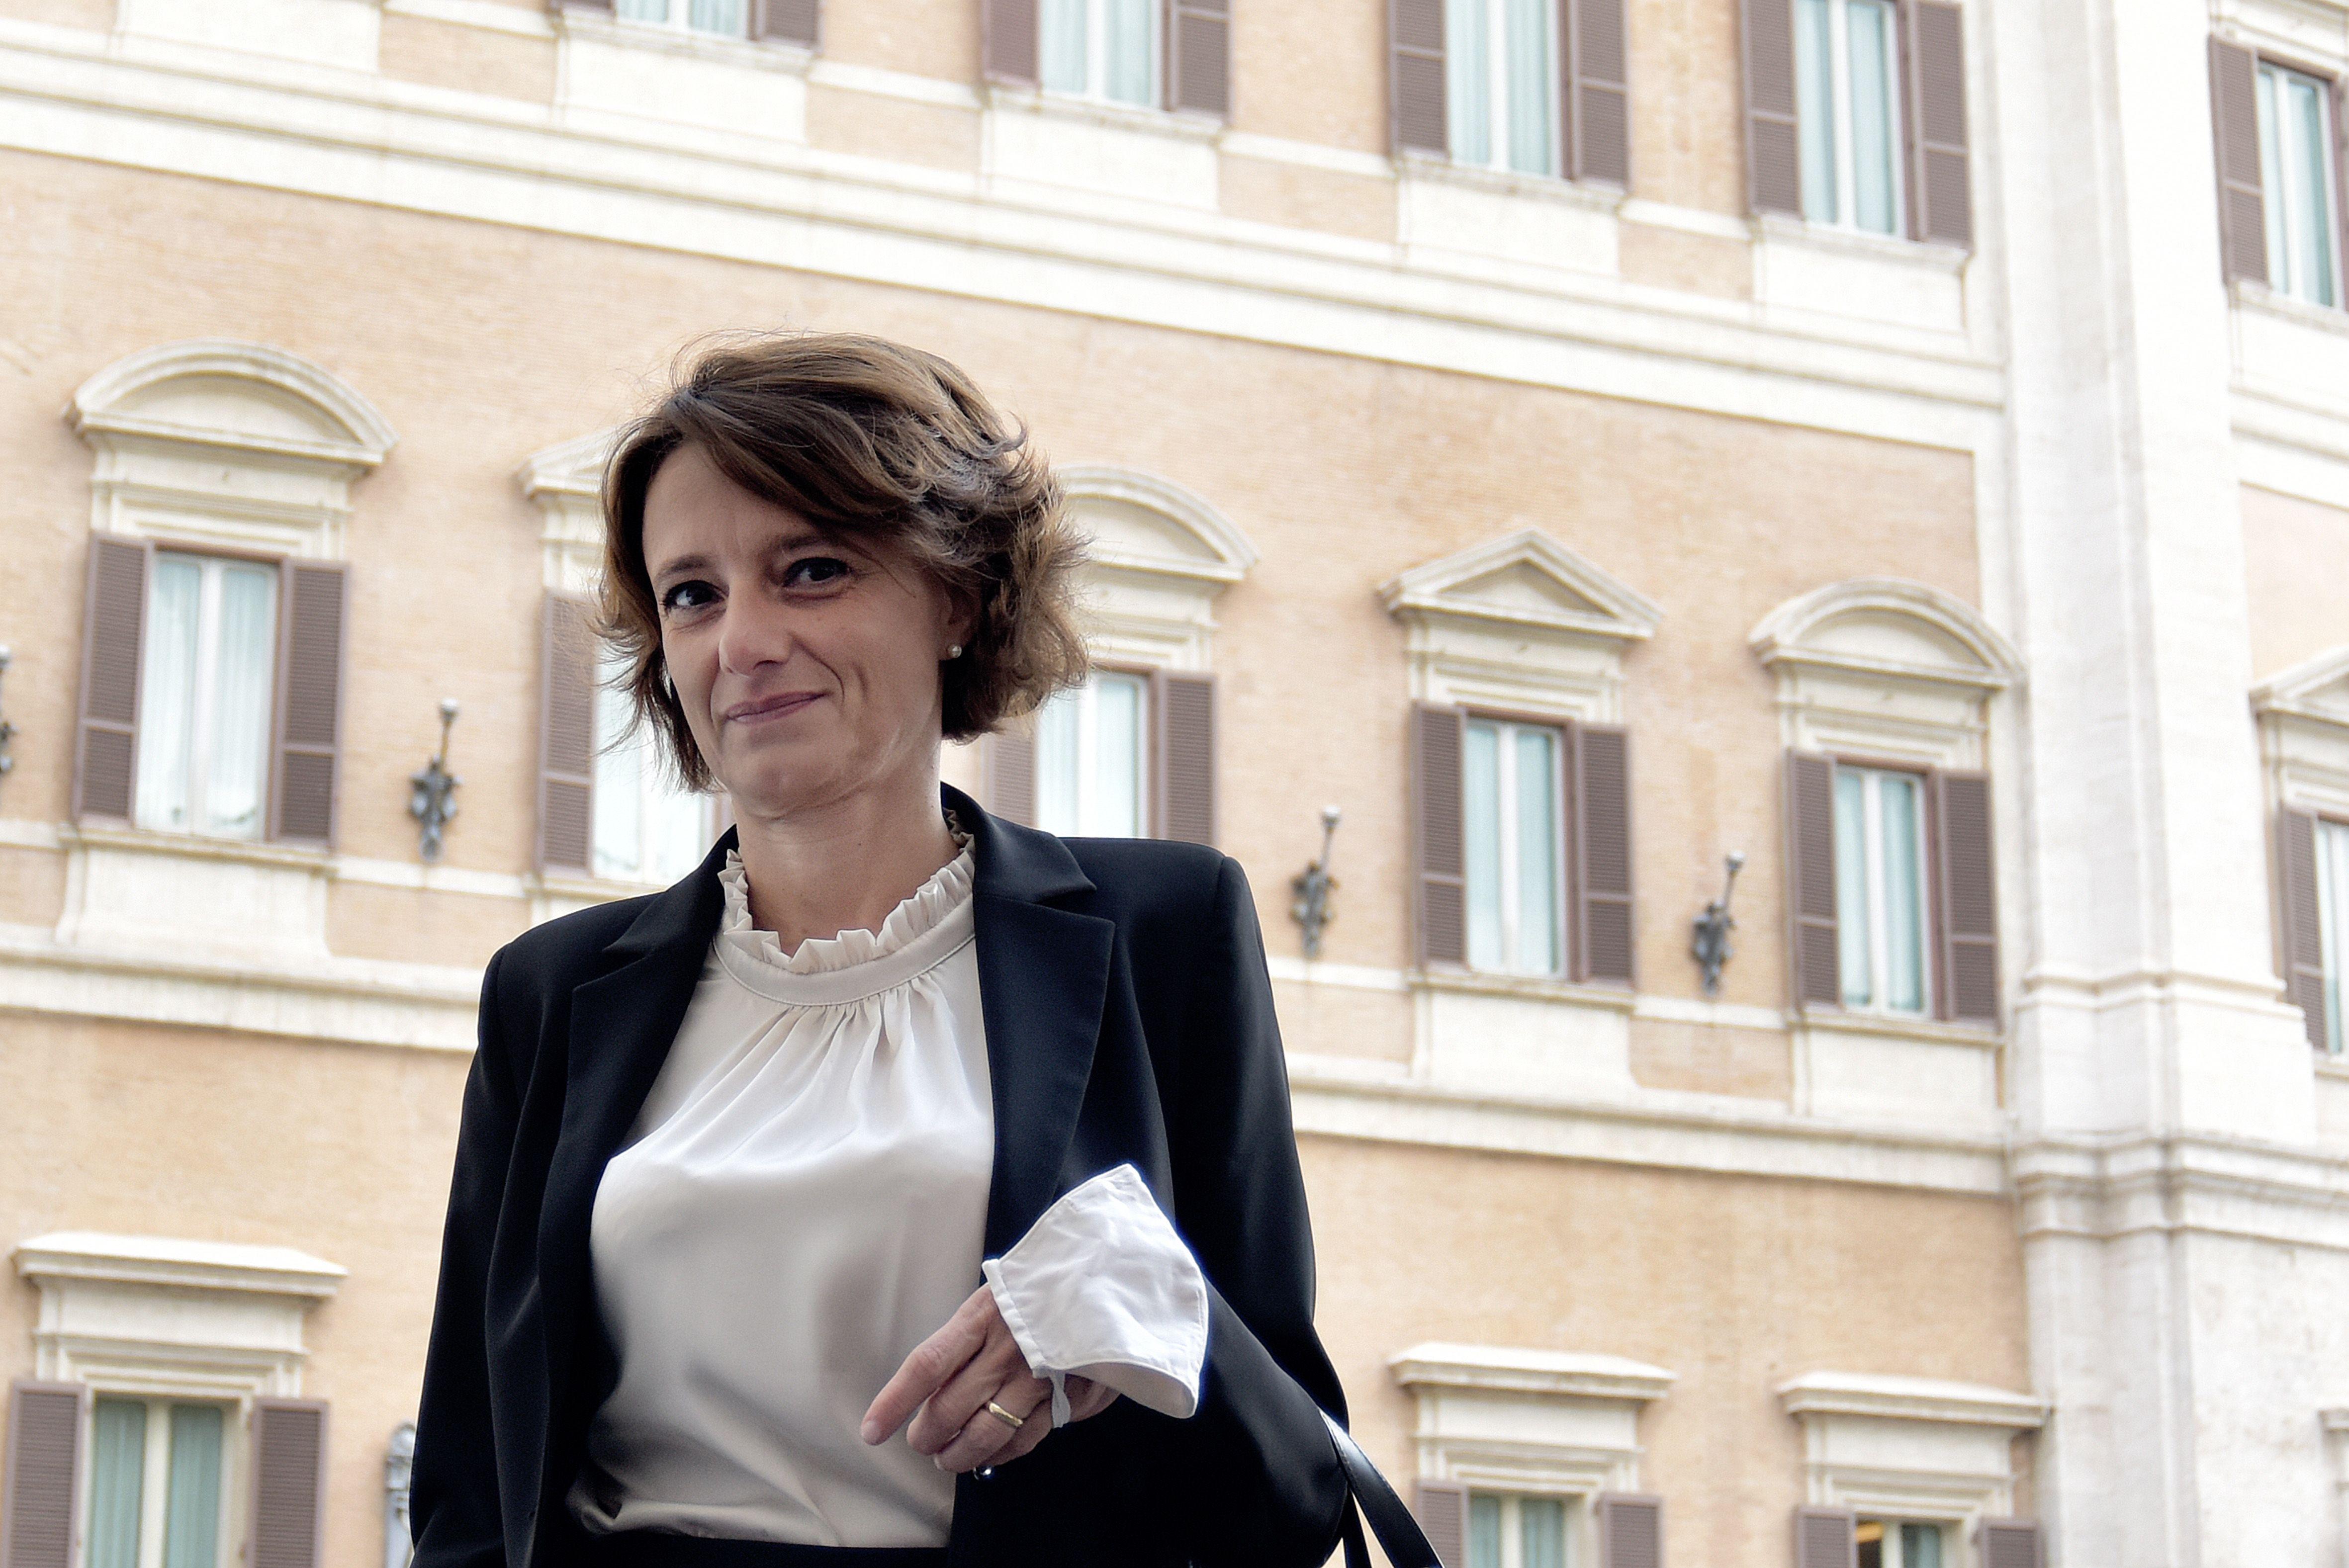 La Ministra Elena Bonetti ha un messaggio per noi/voi/tutte nella Giornata contro la violenza sulle donne